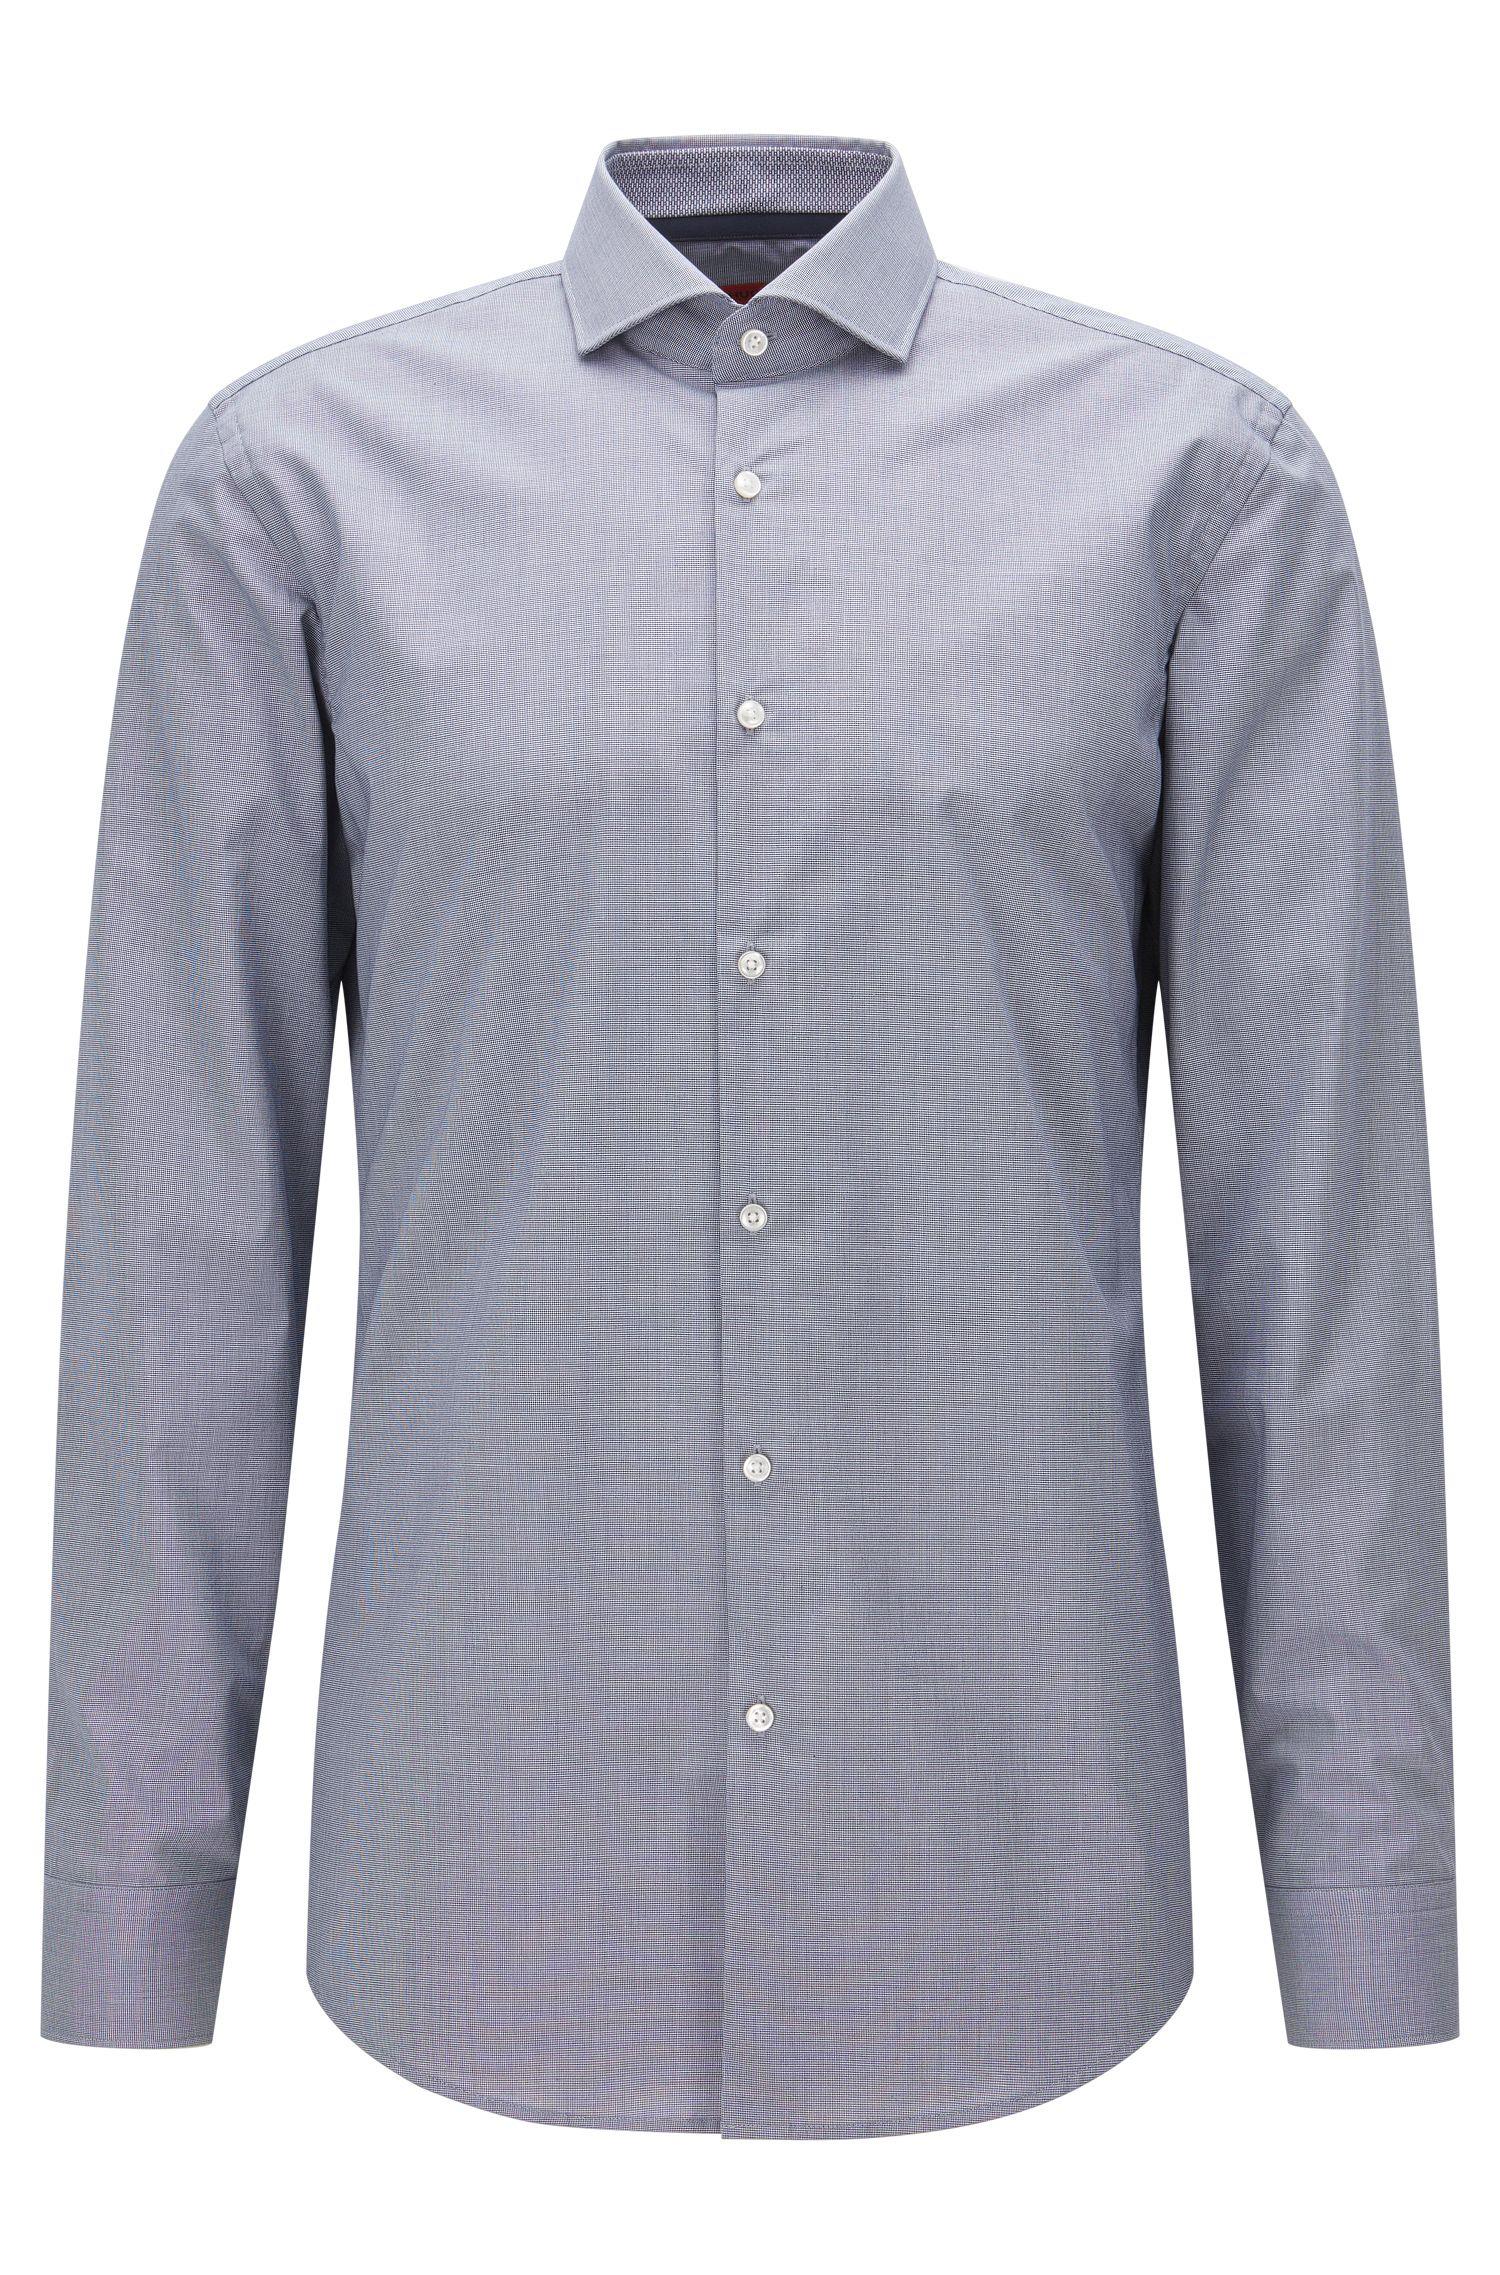 Camicia slim fit in cotone a microquadretti